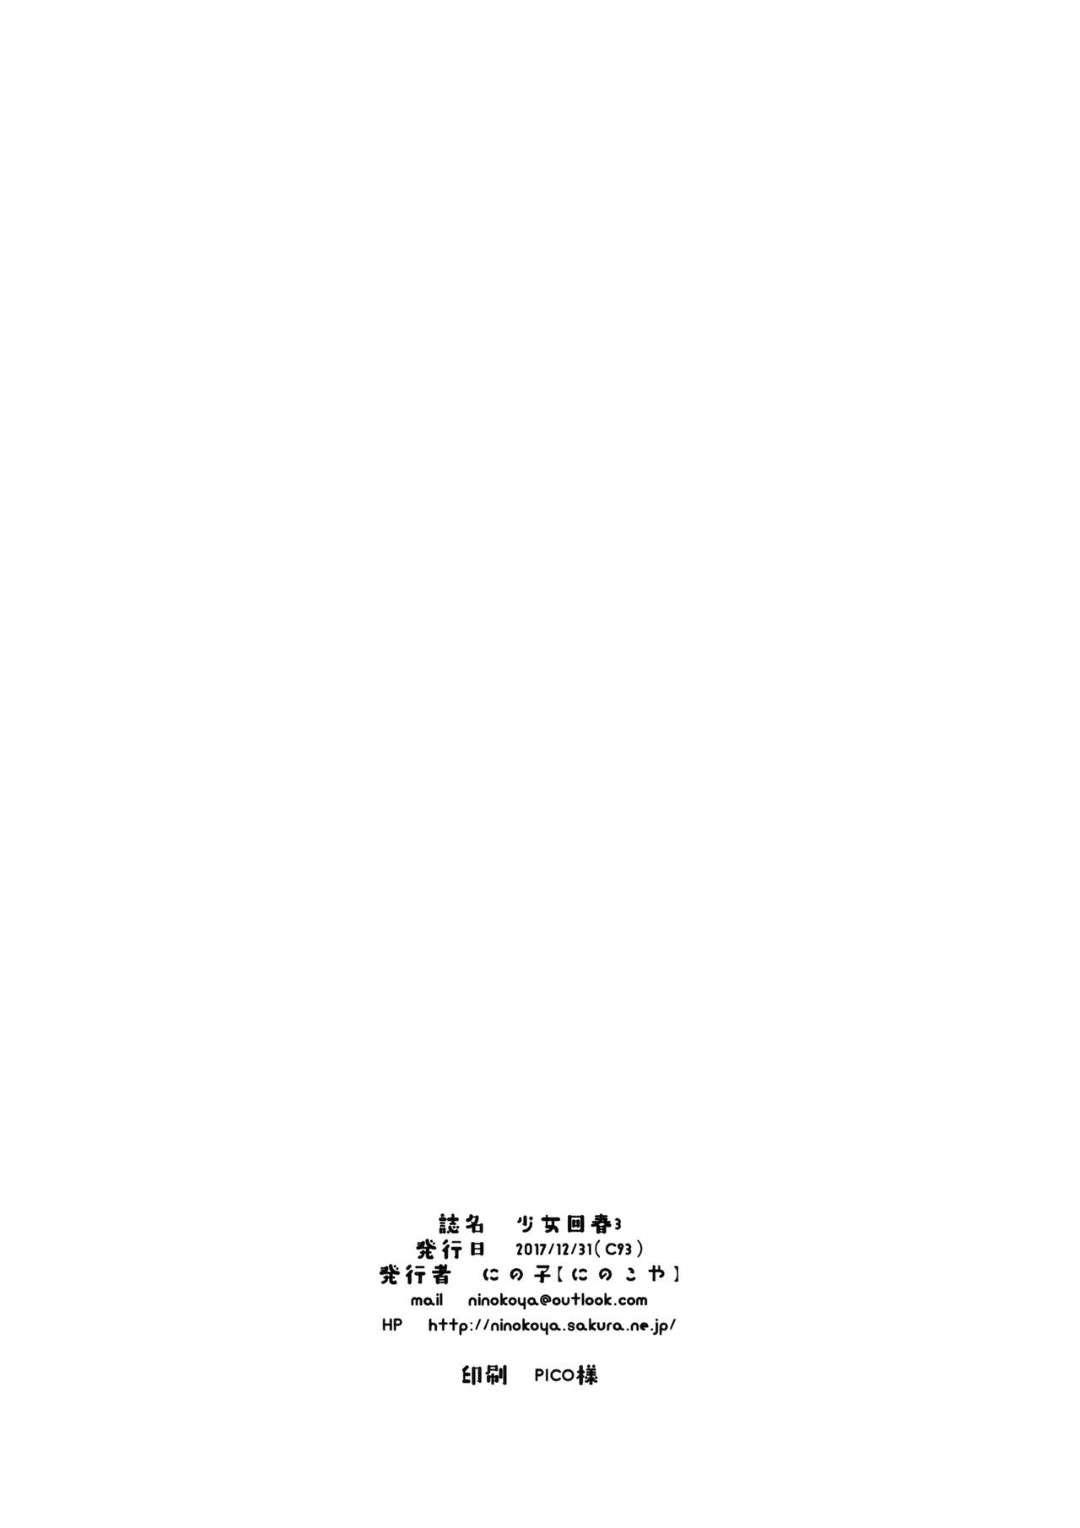 【エロ漫画】授業中、担任の男にローター調教されて濡れまくる美少女マゾJK…放課後担任をフェラしてヌキまくり激しい生ハメ中出しイチャラブ調教セックスして連続アクメ【にのこや:少女回春3】